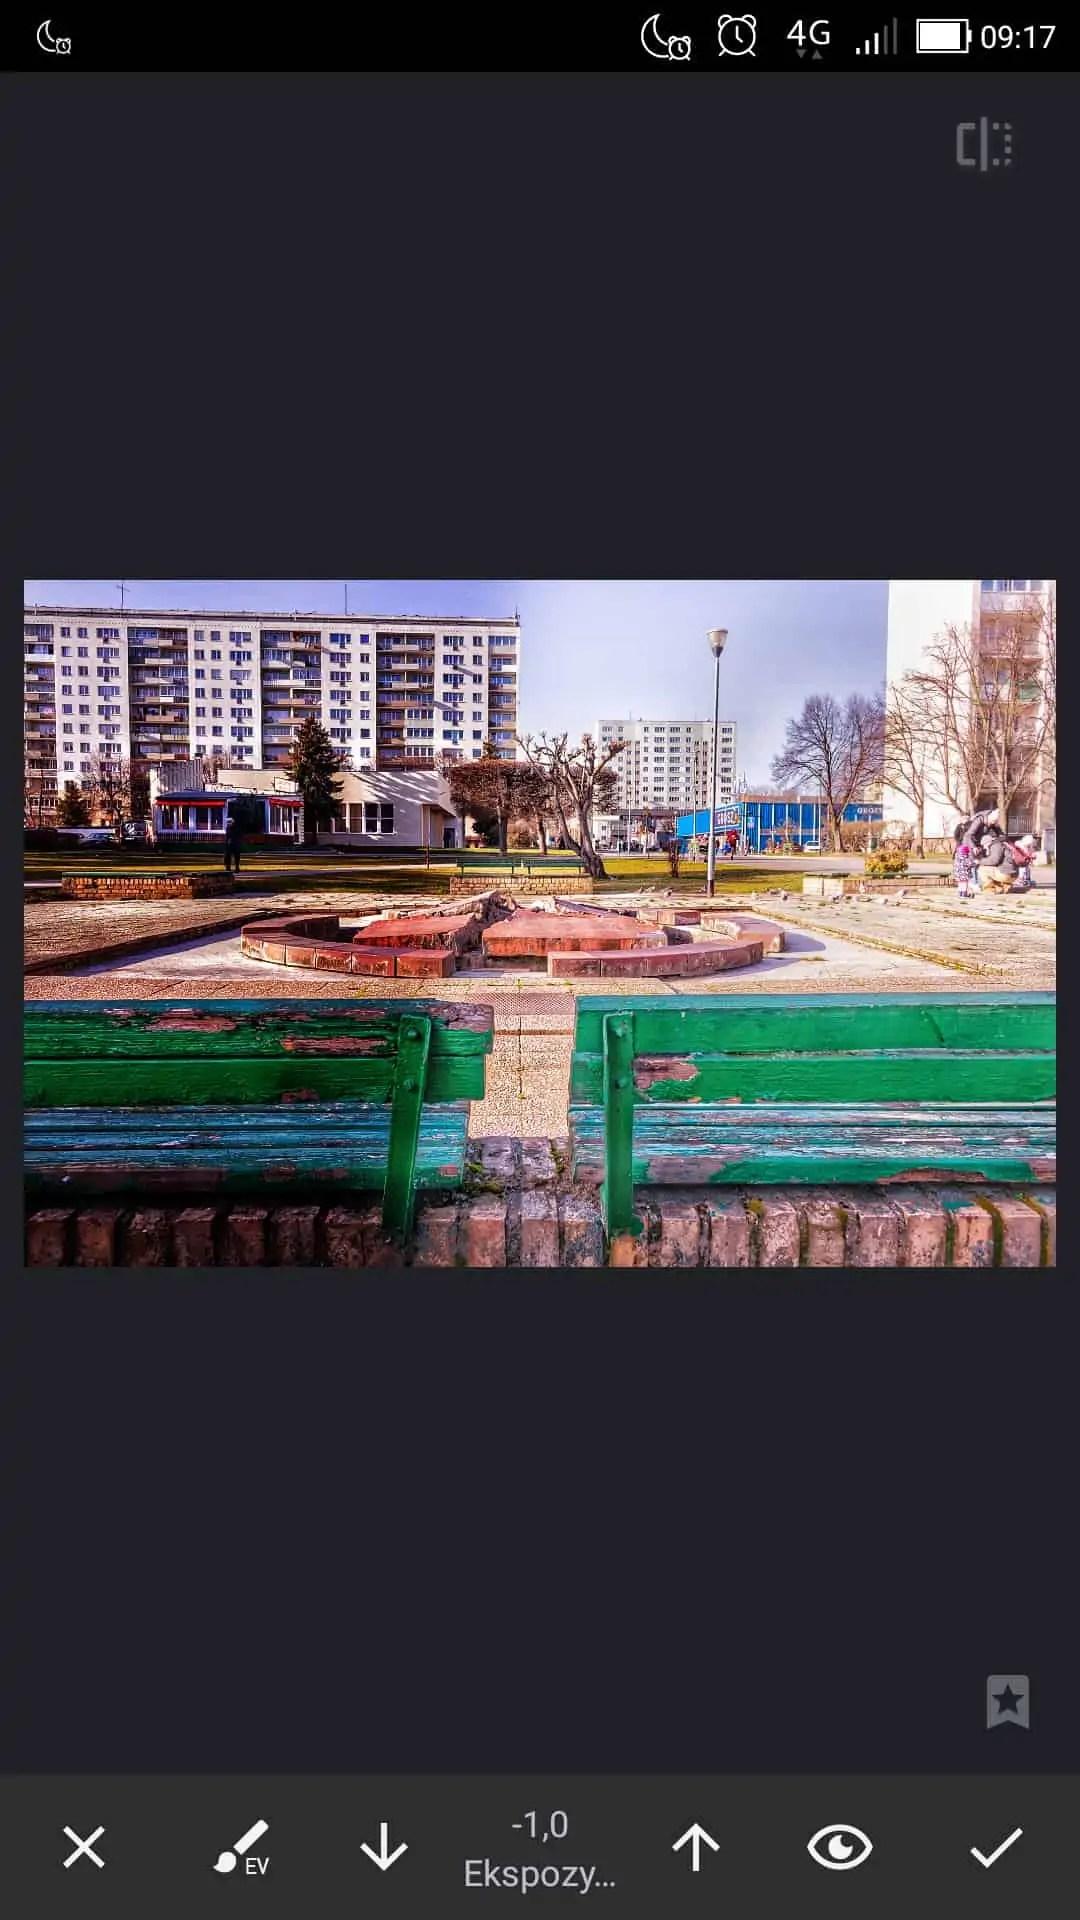 apka do zdjęć filtry z wykorzystaniem maskowania palcem po ekranie - Snapseed apka do zdjęć dla każdego